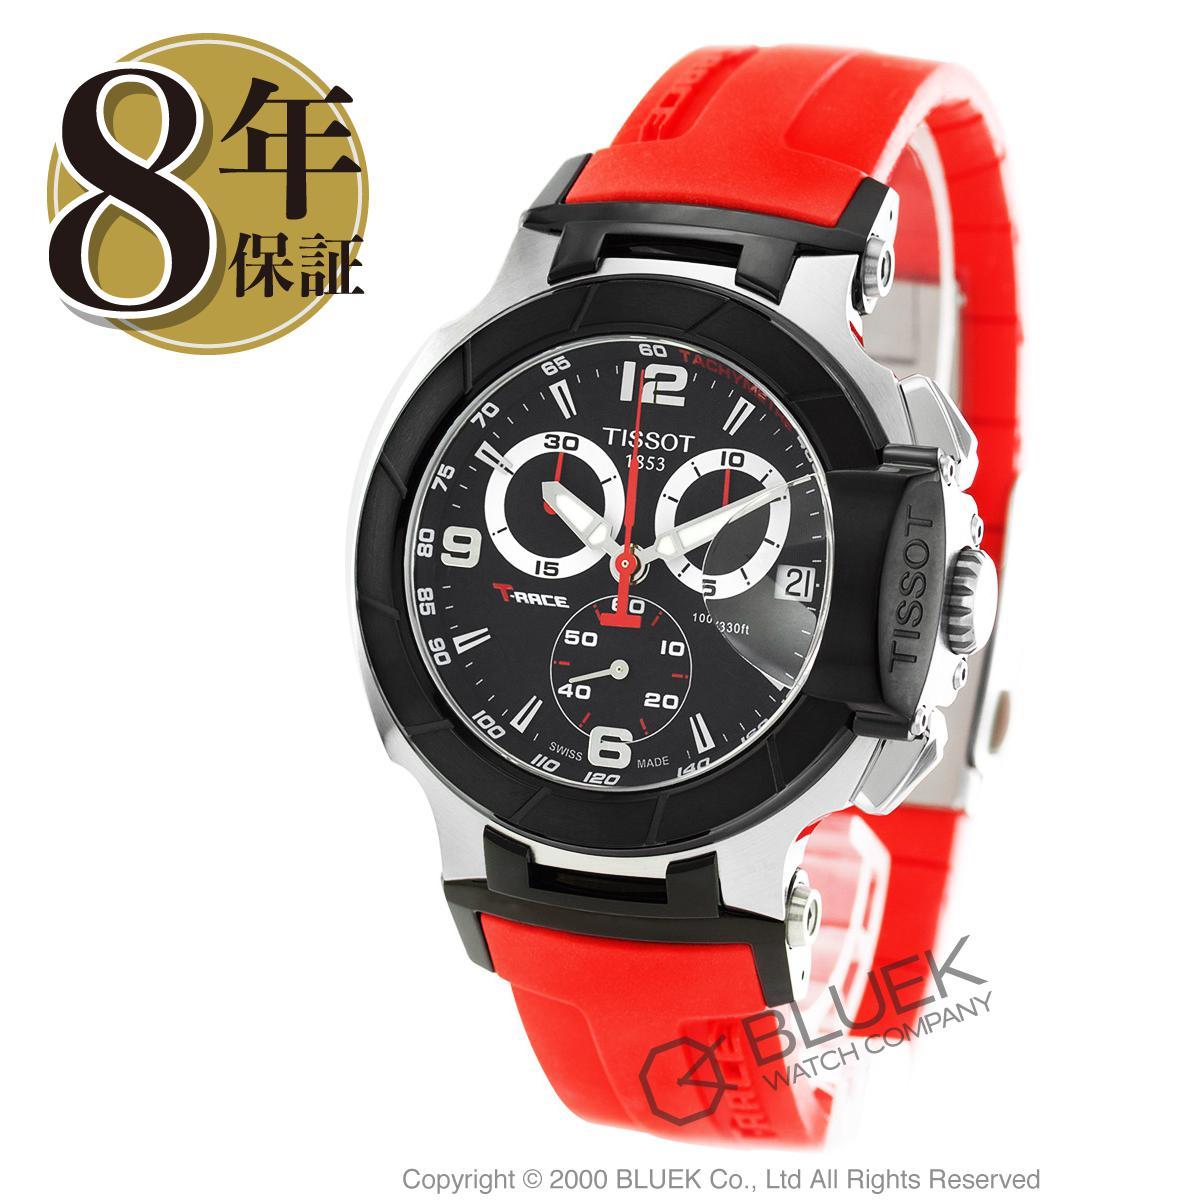 ティソ T-スポーツ T-レース クロノグラフ 腕時計 メンズ TISSOT T048.417.27.057.01_8